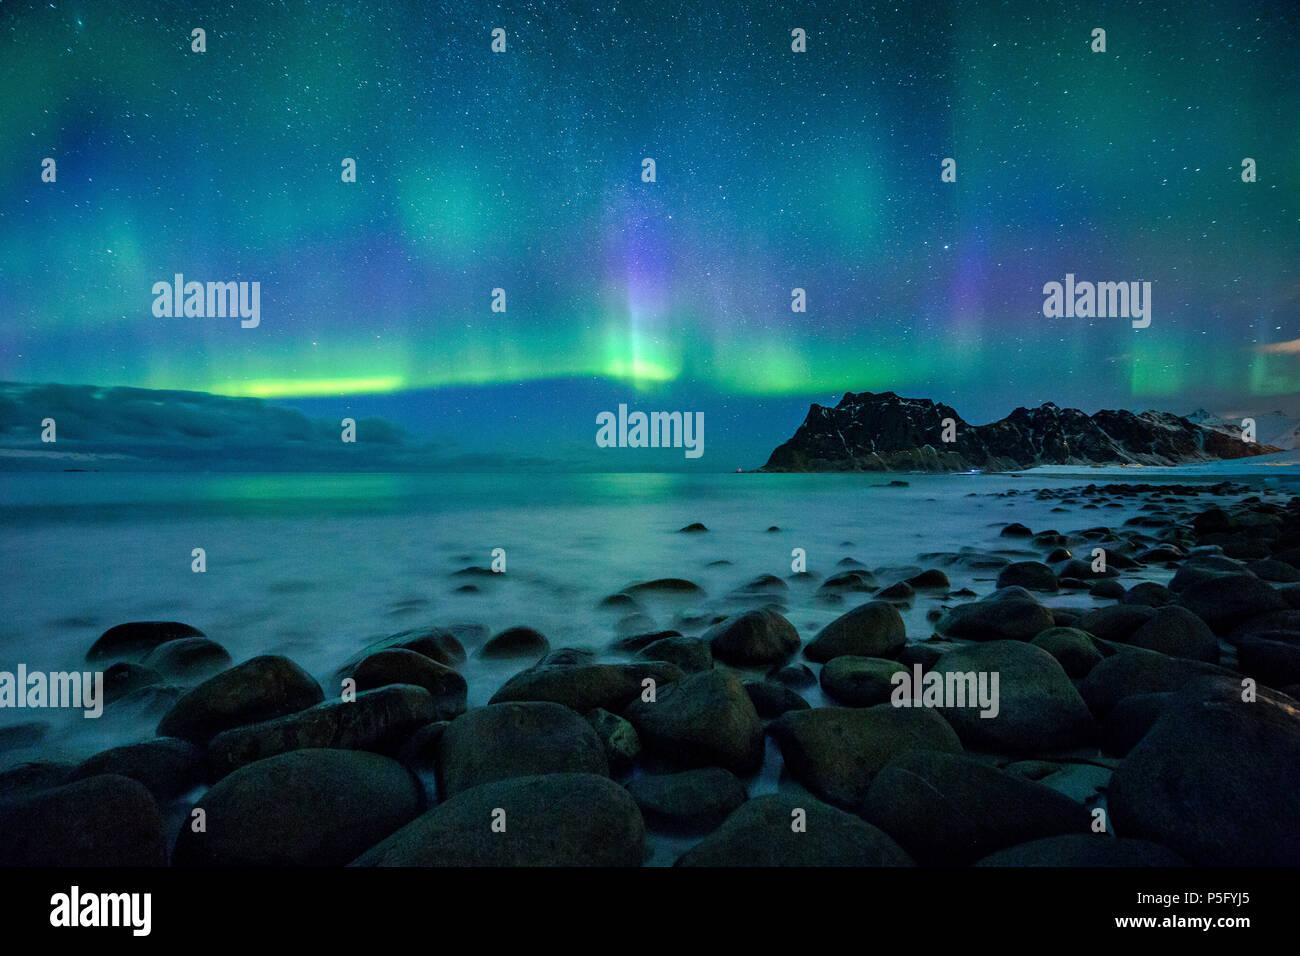 Aurora Borealis incroyable au cours de danse célèbre Uttakleiv Beach pendant une froide nuit arctique sur l'archipel des îles Lofoten en hiver, la Norvège, Scandinavie Photo Stock